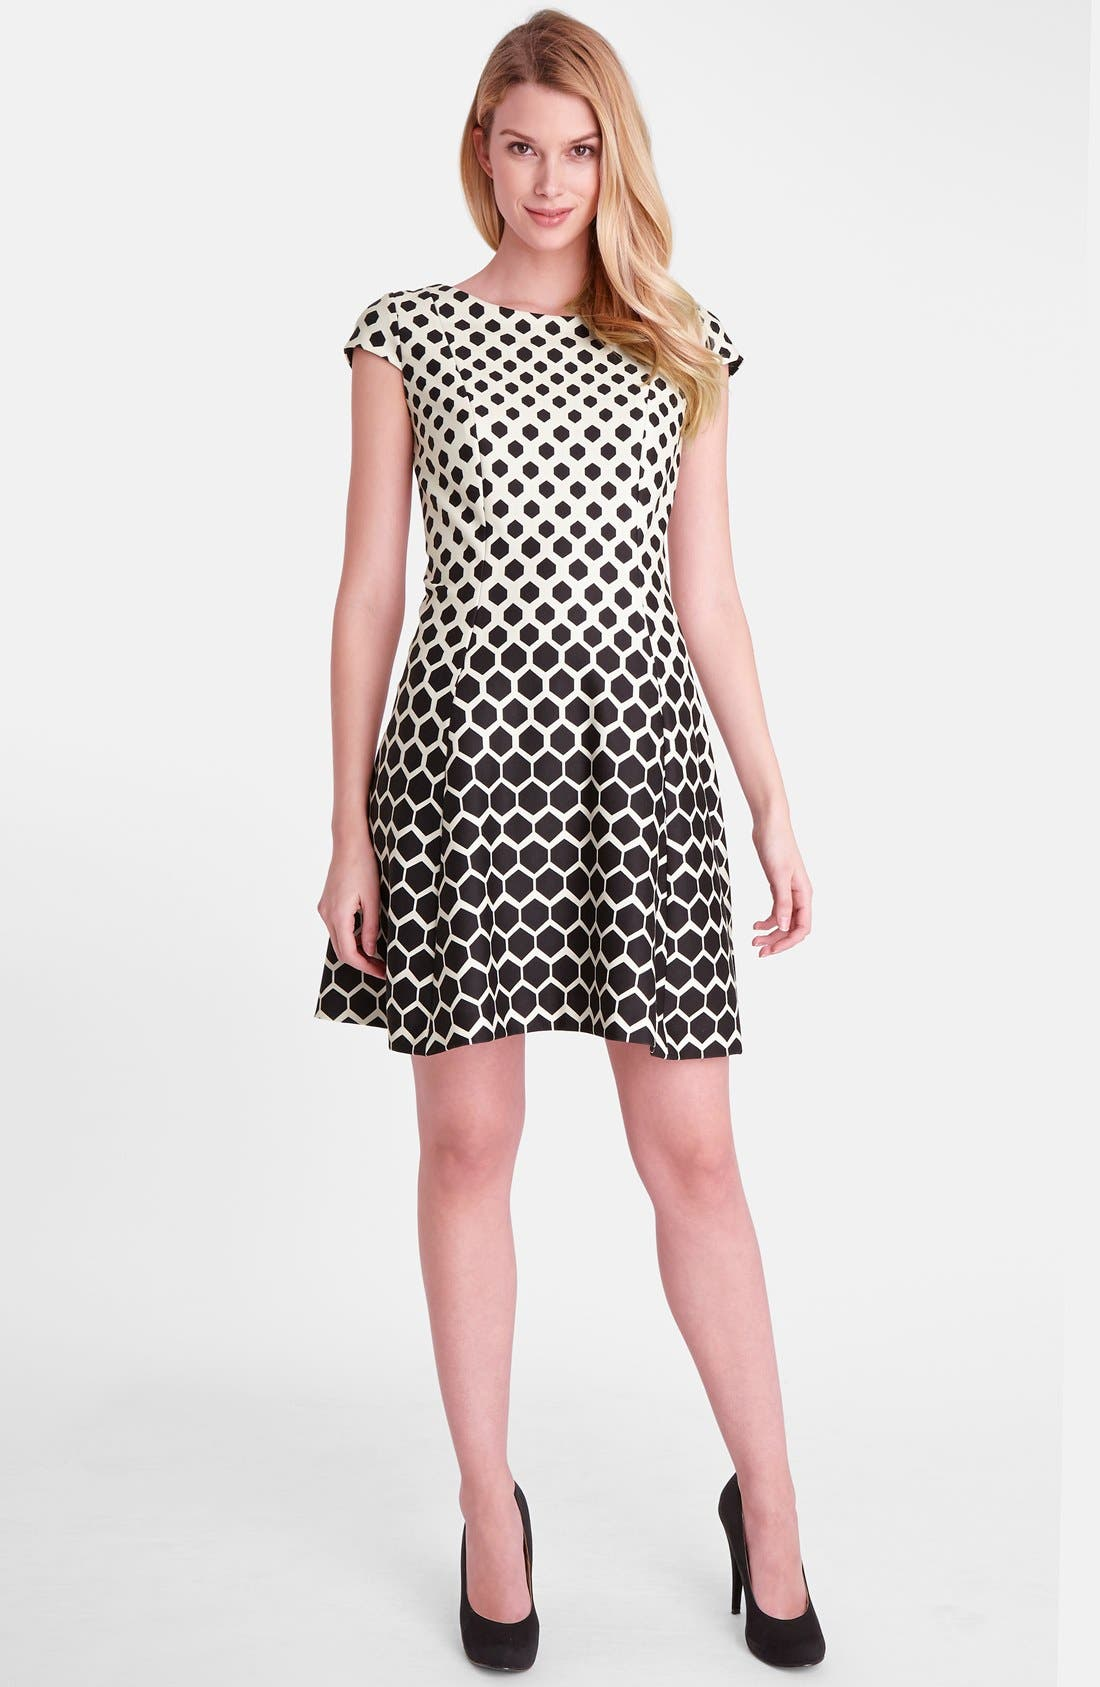 Alternate Image 1 Selected - Tahari Print Ponte Fit & Flare Dress (Regular & Petite)